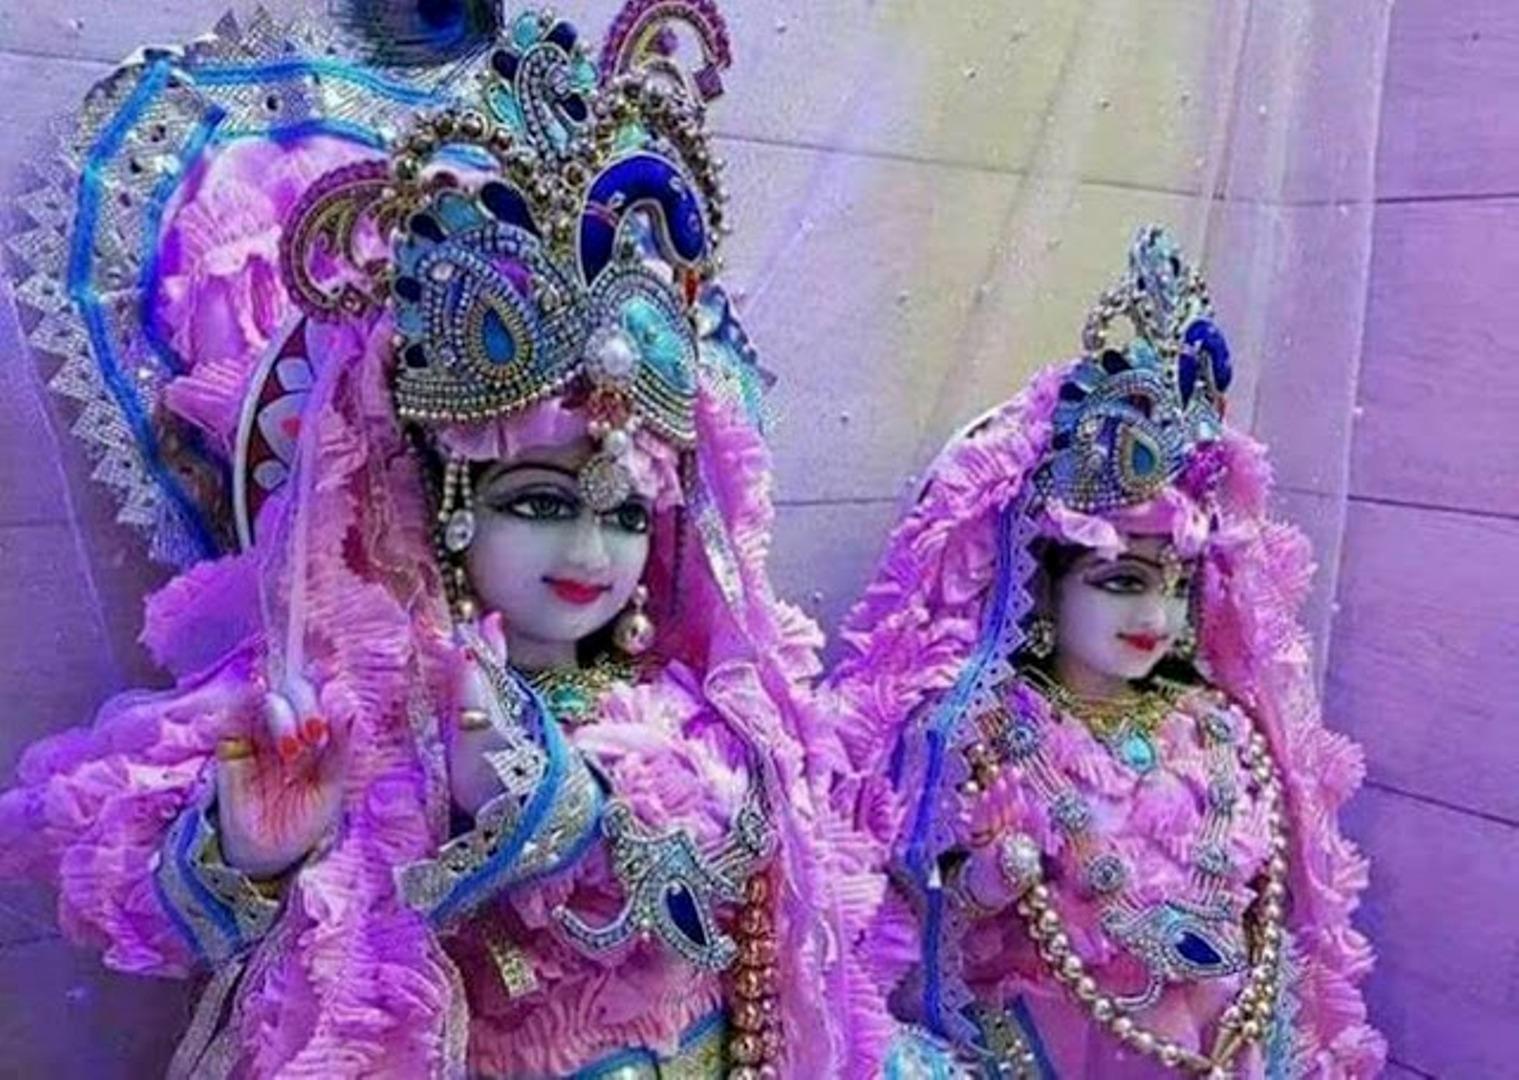 bhagwat Katha, Shrimad bhagwat Katha, Shreemad bhagwat Katha, free bhagwat Katha, bhagwat Katha By Swami Dhananjay Maharaj, bhagwat Katha By Swami Shri Dhananjay Ji Maharaj, bhagwat Katha By Swami Ji Maharaj